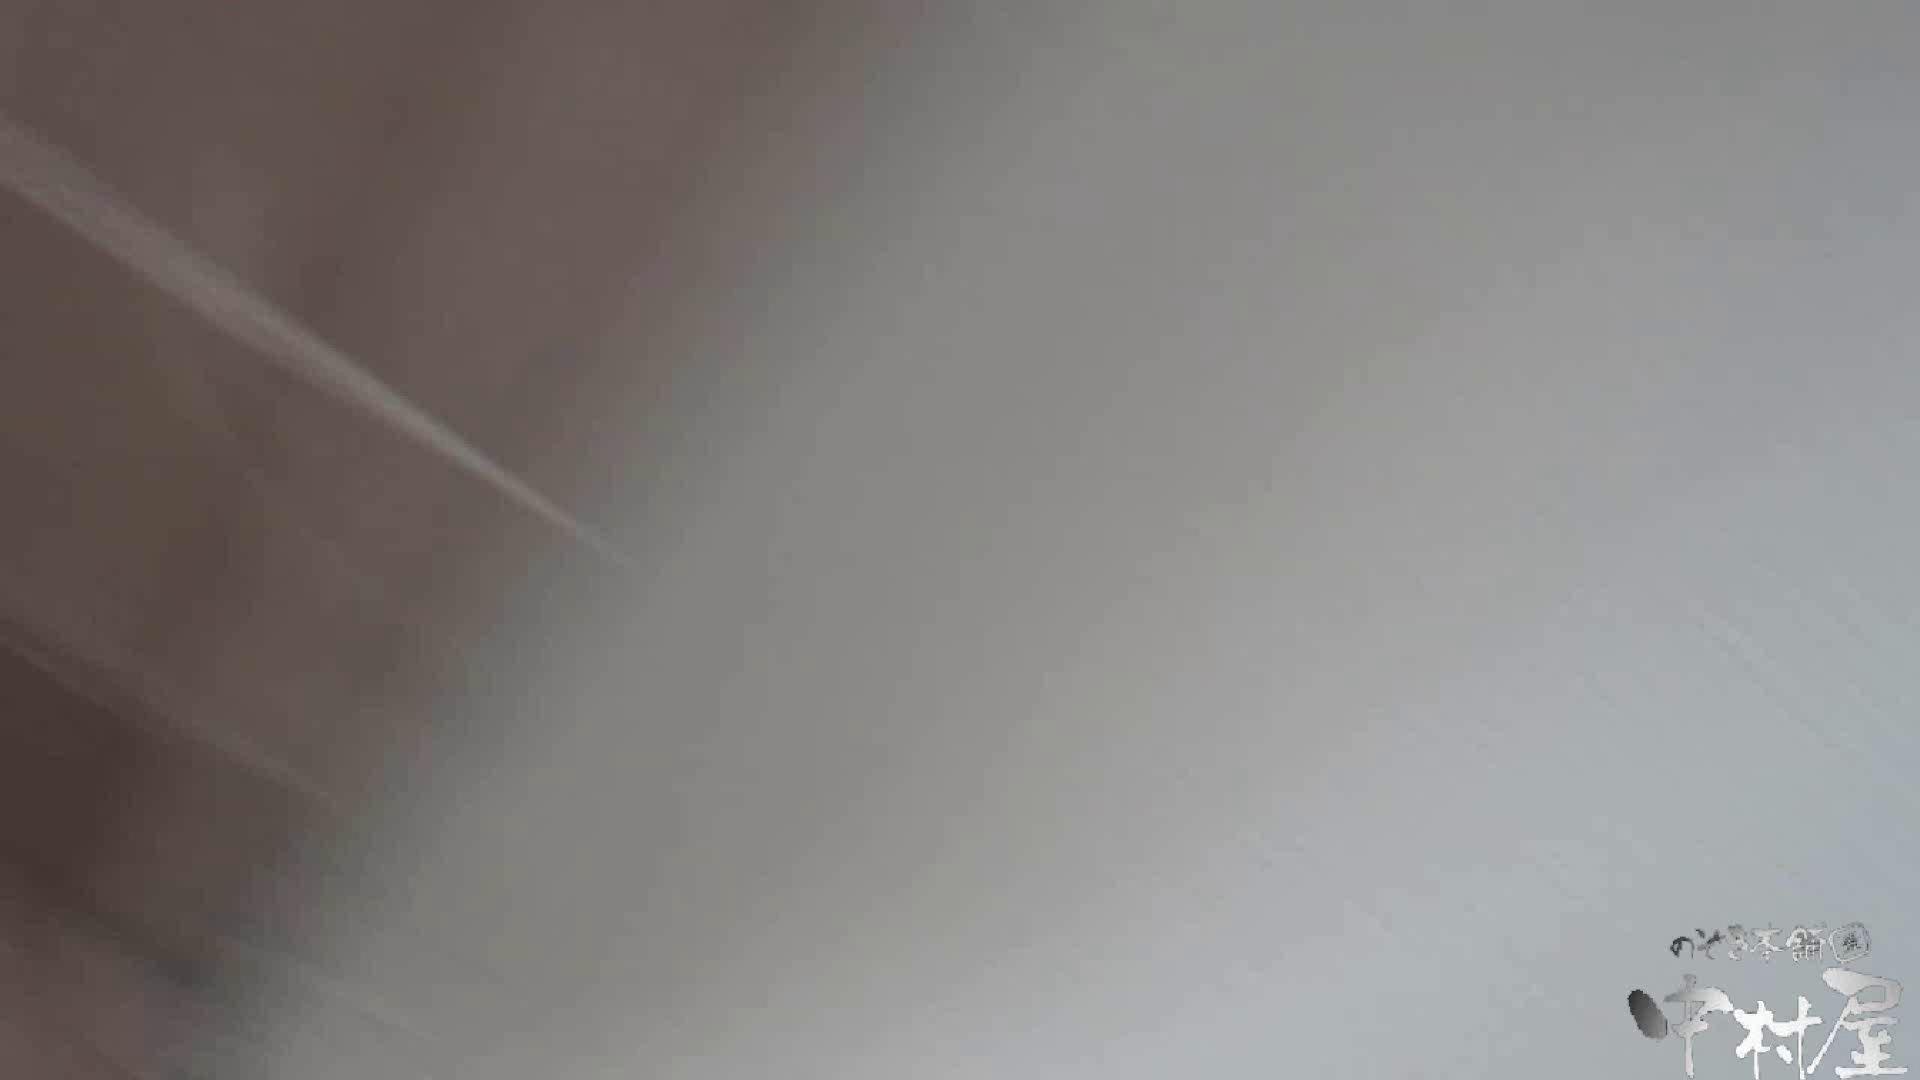 アダルトエロ動画|魂のかわや盗撮62連発! 丁寧にオシリをフキフキ! 38発目!|のぞき本舗 中村屋